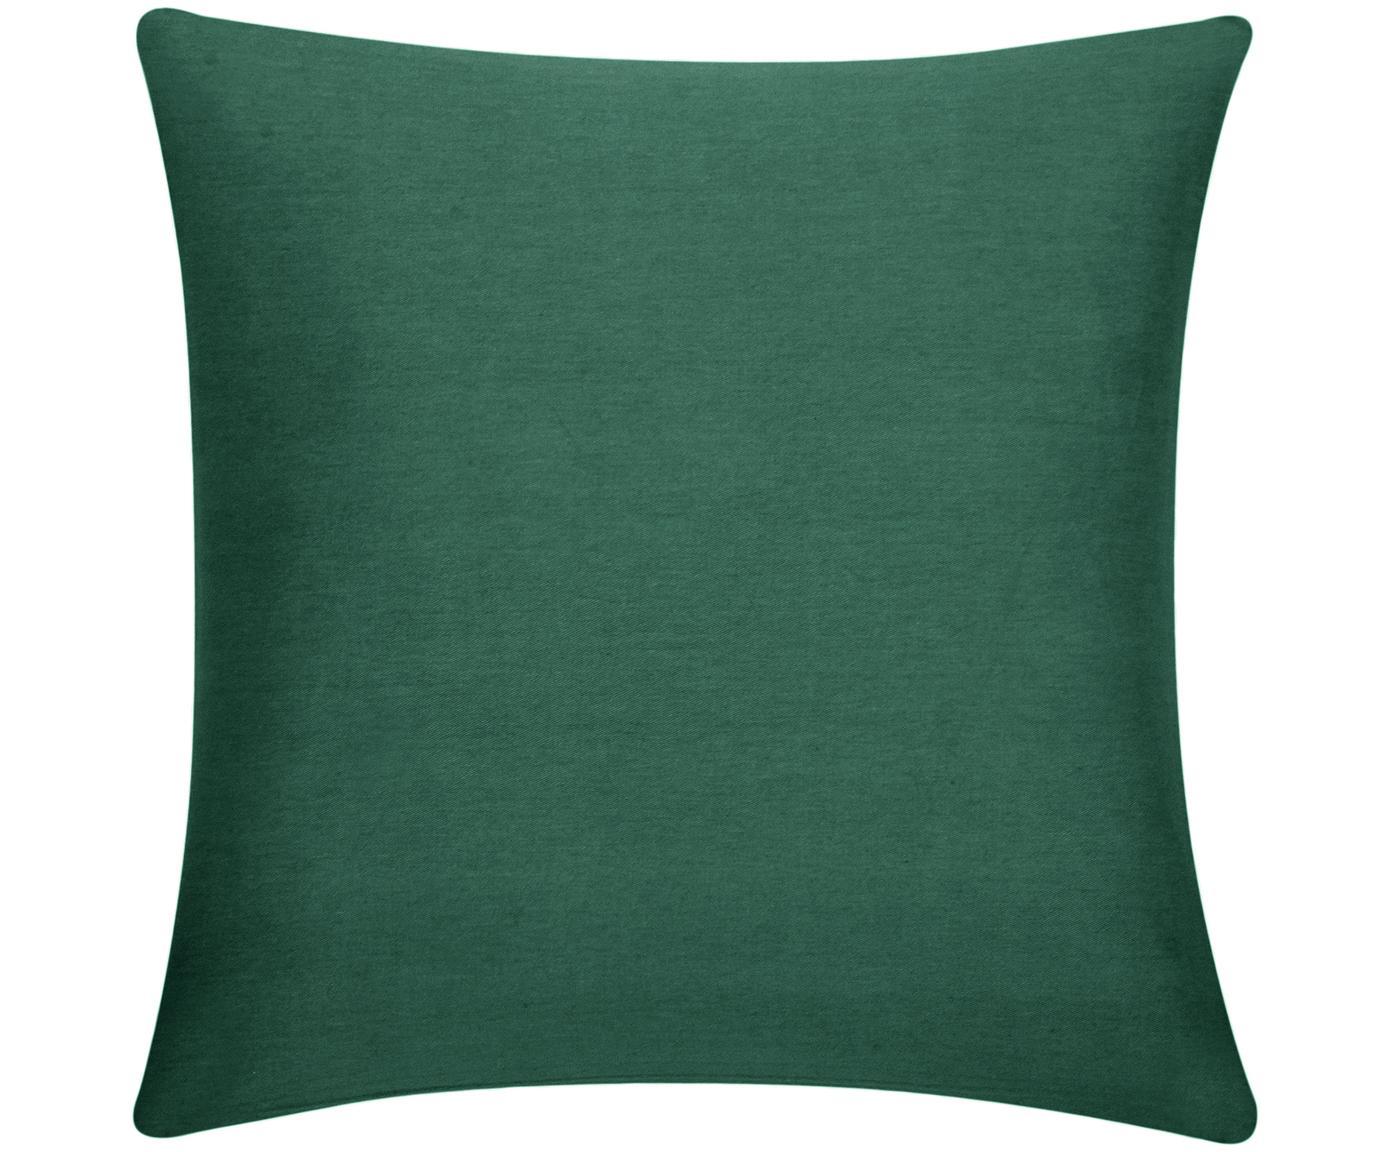 Kussenhoes Mads, 100% katoen, Groen, 40 x 40 cm